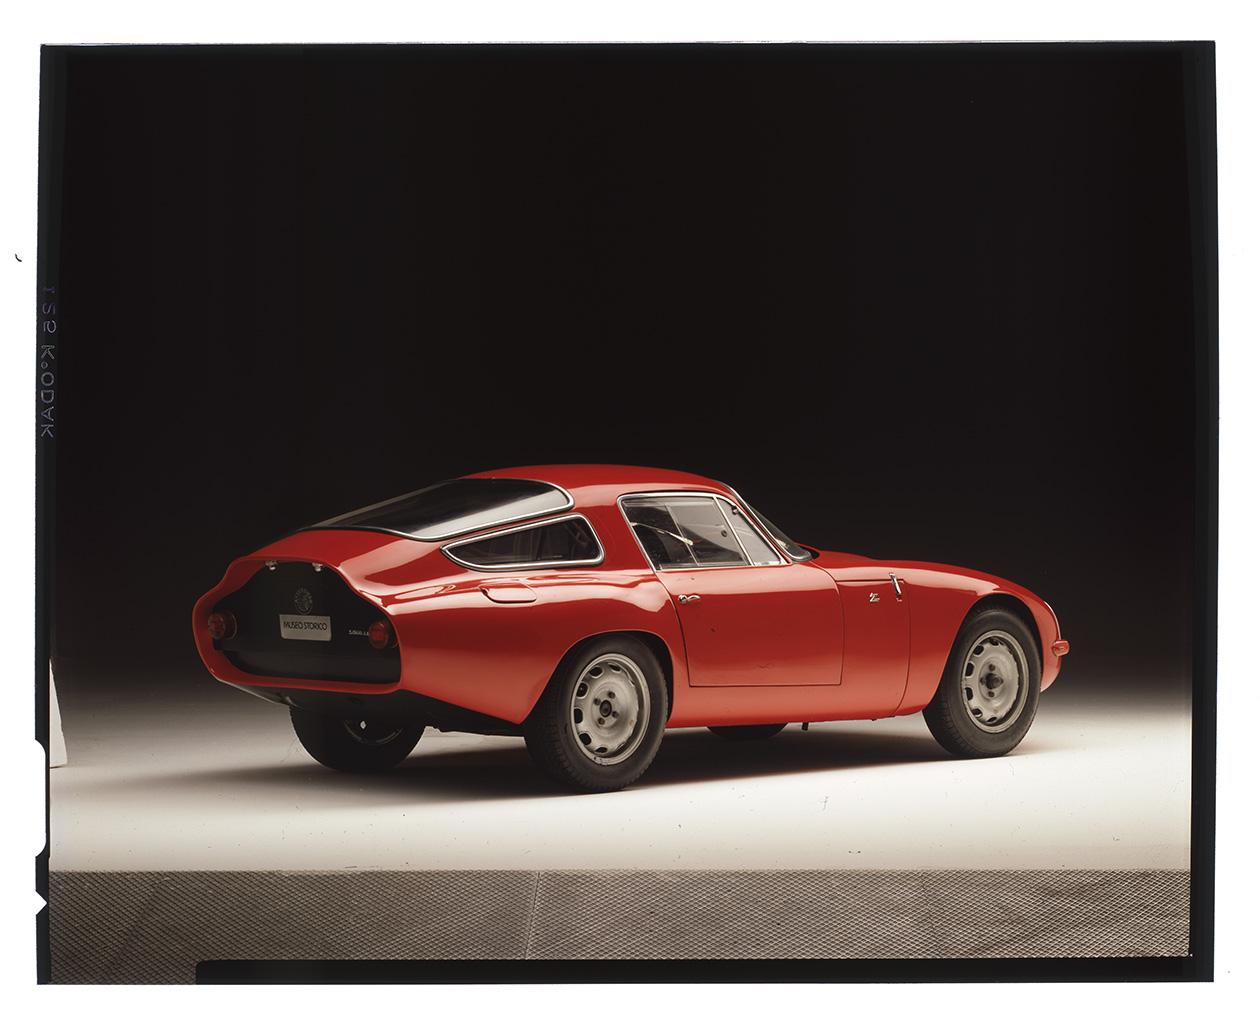 182 002 Δεν γνωρίζεις τι εστί Alfa Romeo άμα δεν γνωρίζεις την ιστορία της Alfa, alfa romeo, Alfa Romeo Soul, Alfisti, Giulia, Heritage, museoalfaromeo, videos, zblog